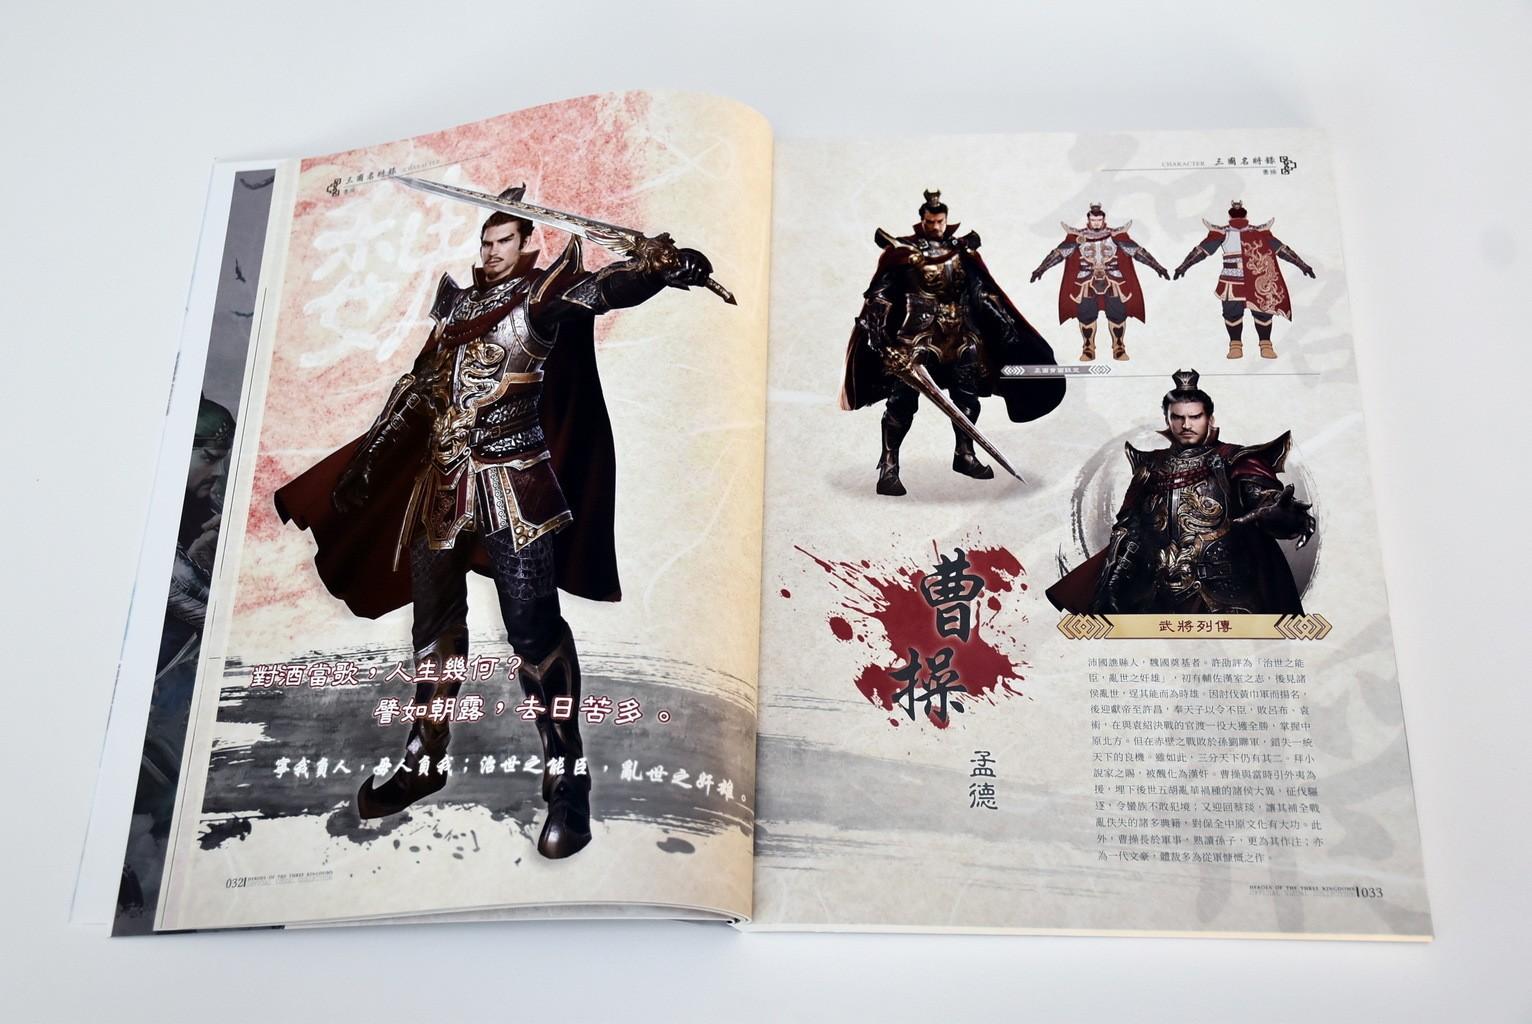 《三国群英传8》典藏版开箱 武将卡、倚天拆信剑亮眼